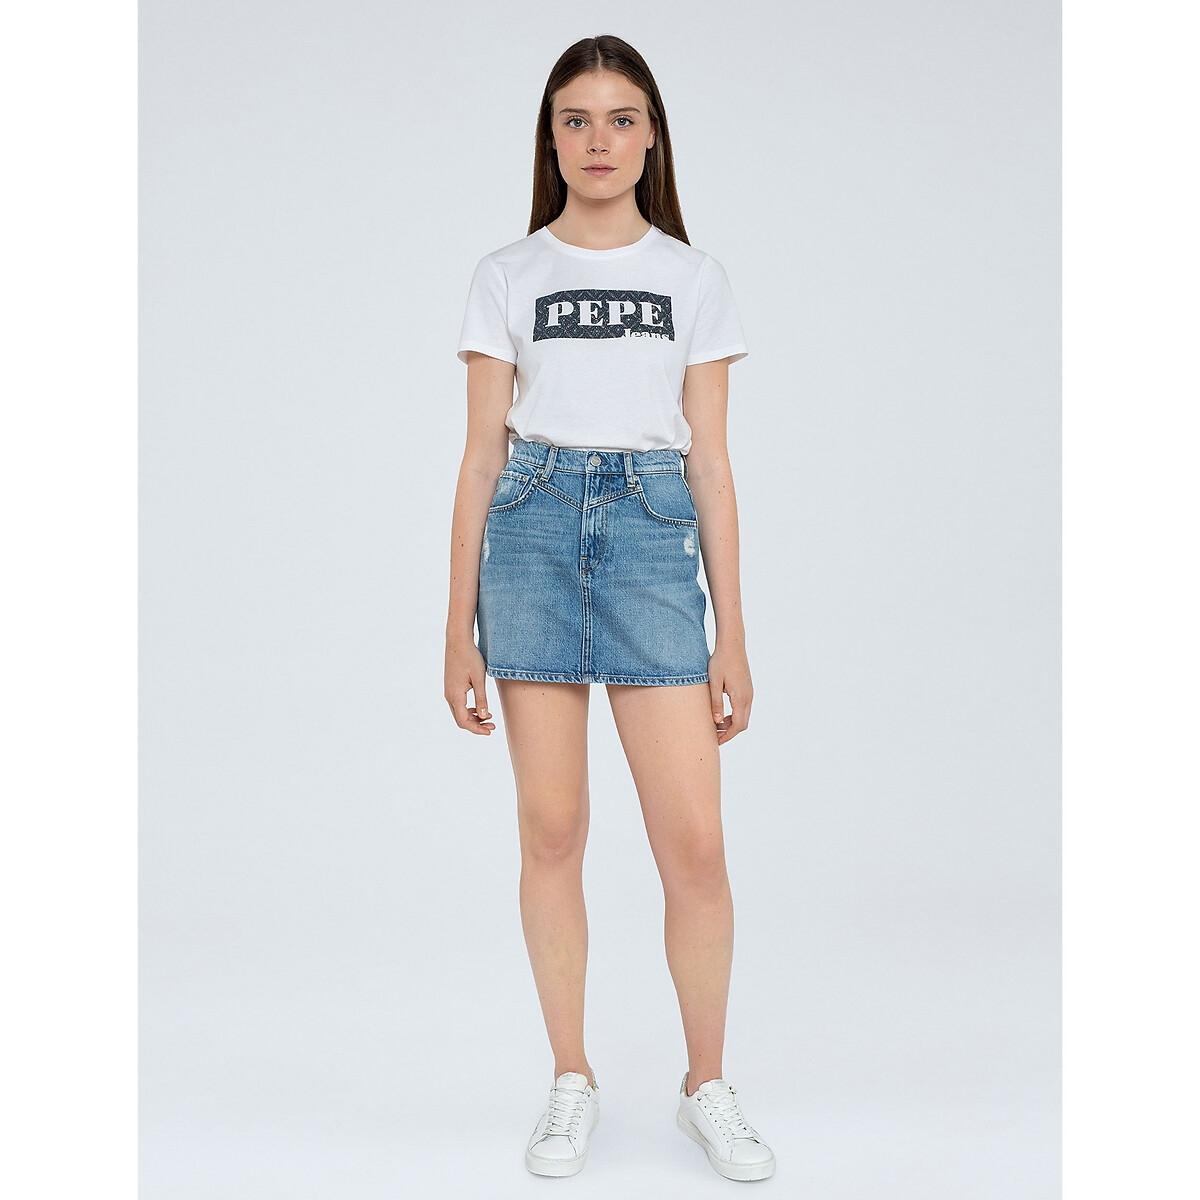 Юбка LaRedoute Короткая из джинсовой ткани S синий